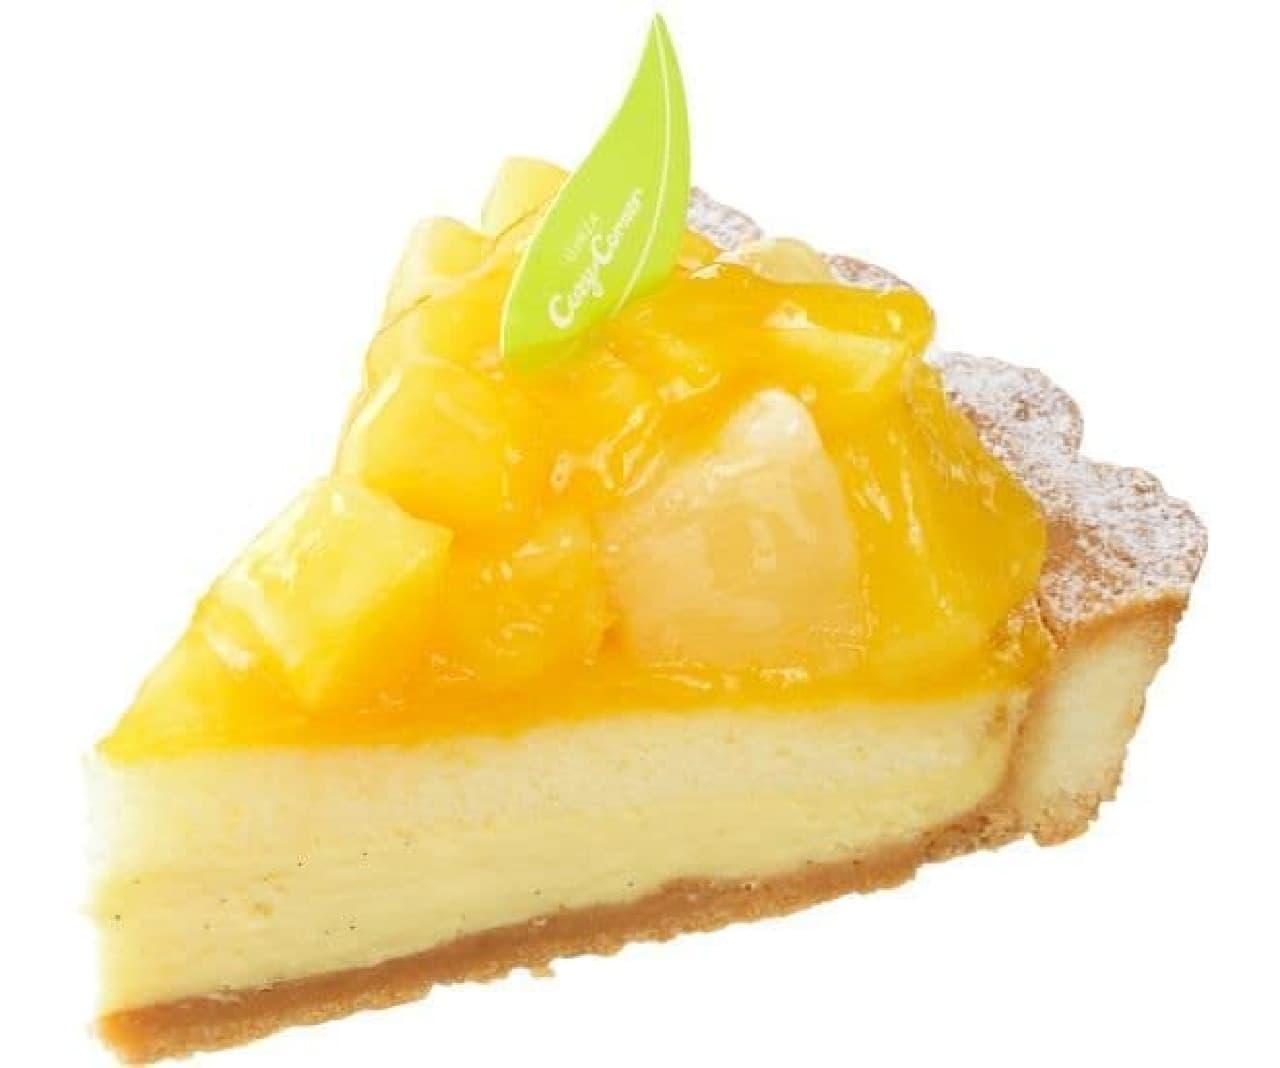 「マンゴーとパイナップルのタルト」は、マンゴーとパイナップルが贅沢にトッピングされたスイーツ